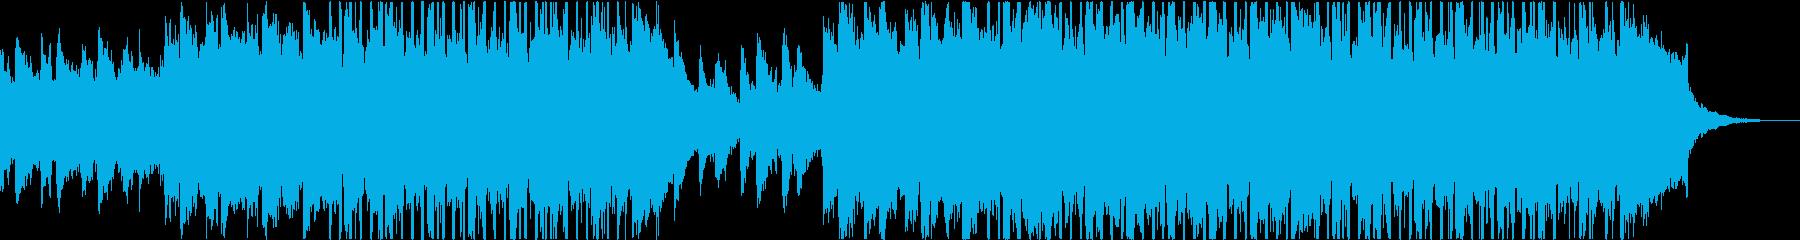 スタイリッシュな音と夏の組成物の再生済みの波形